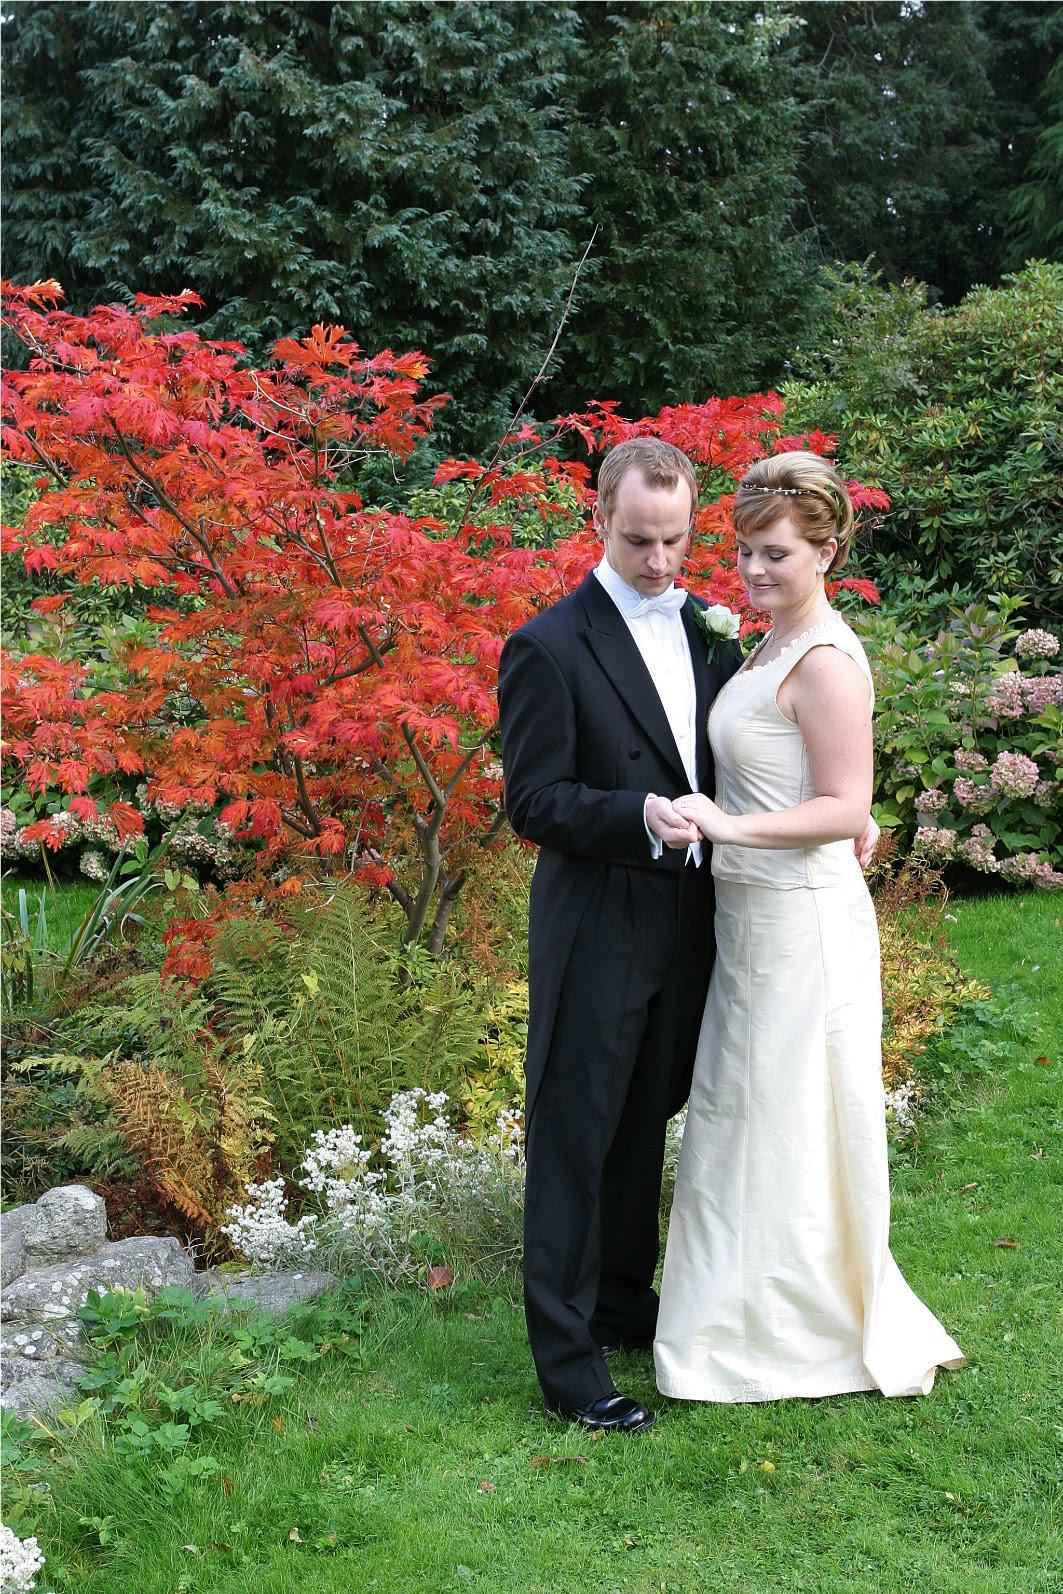 Klorofyllidyll: Grattis på bröllopsdagen